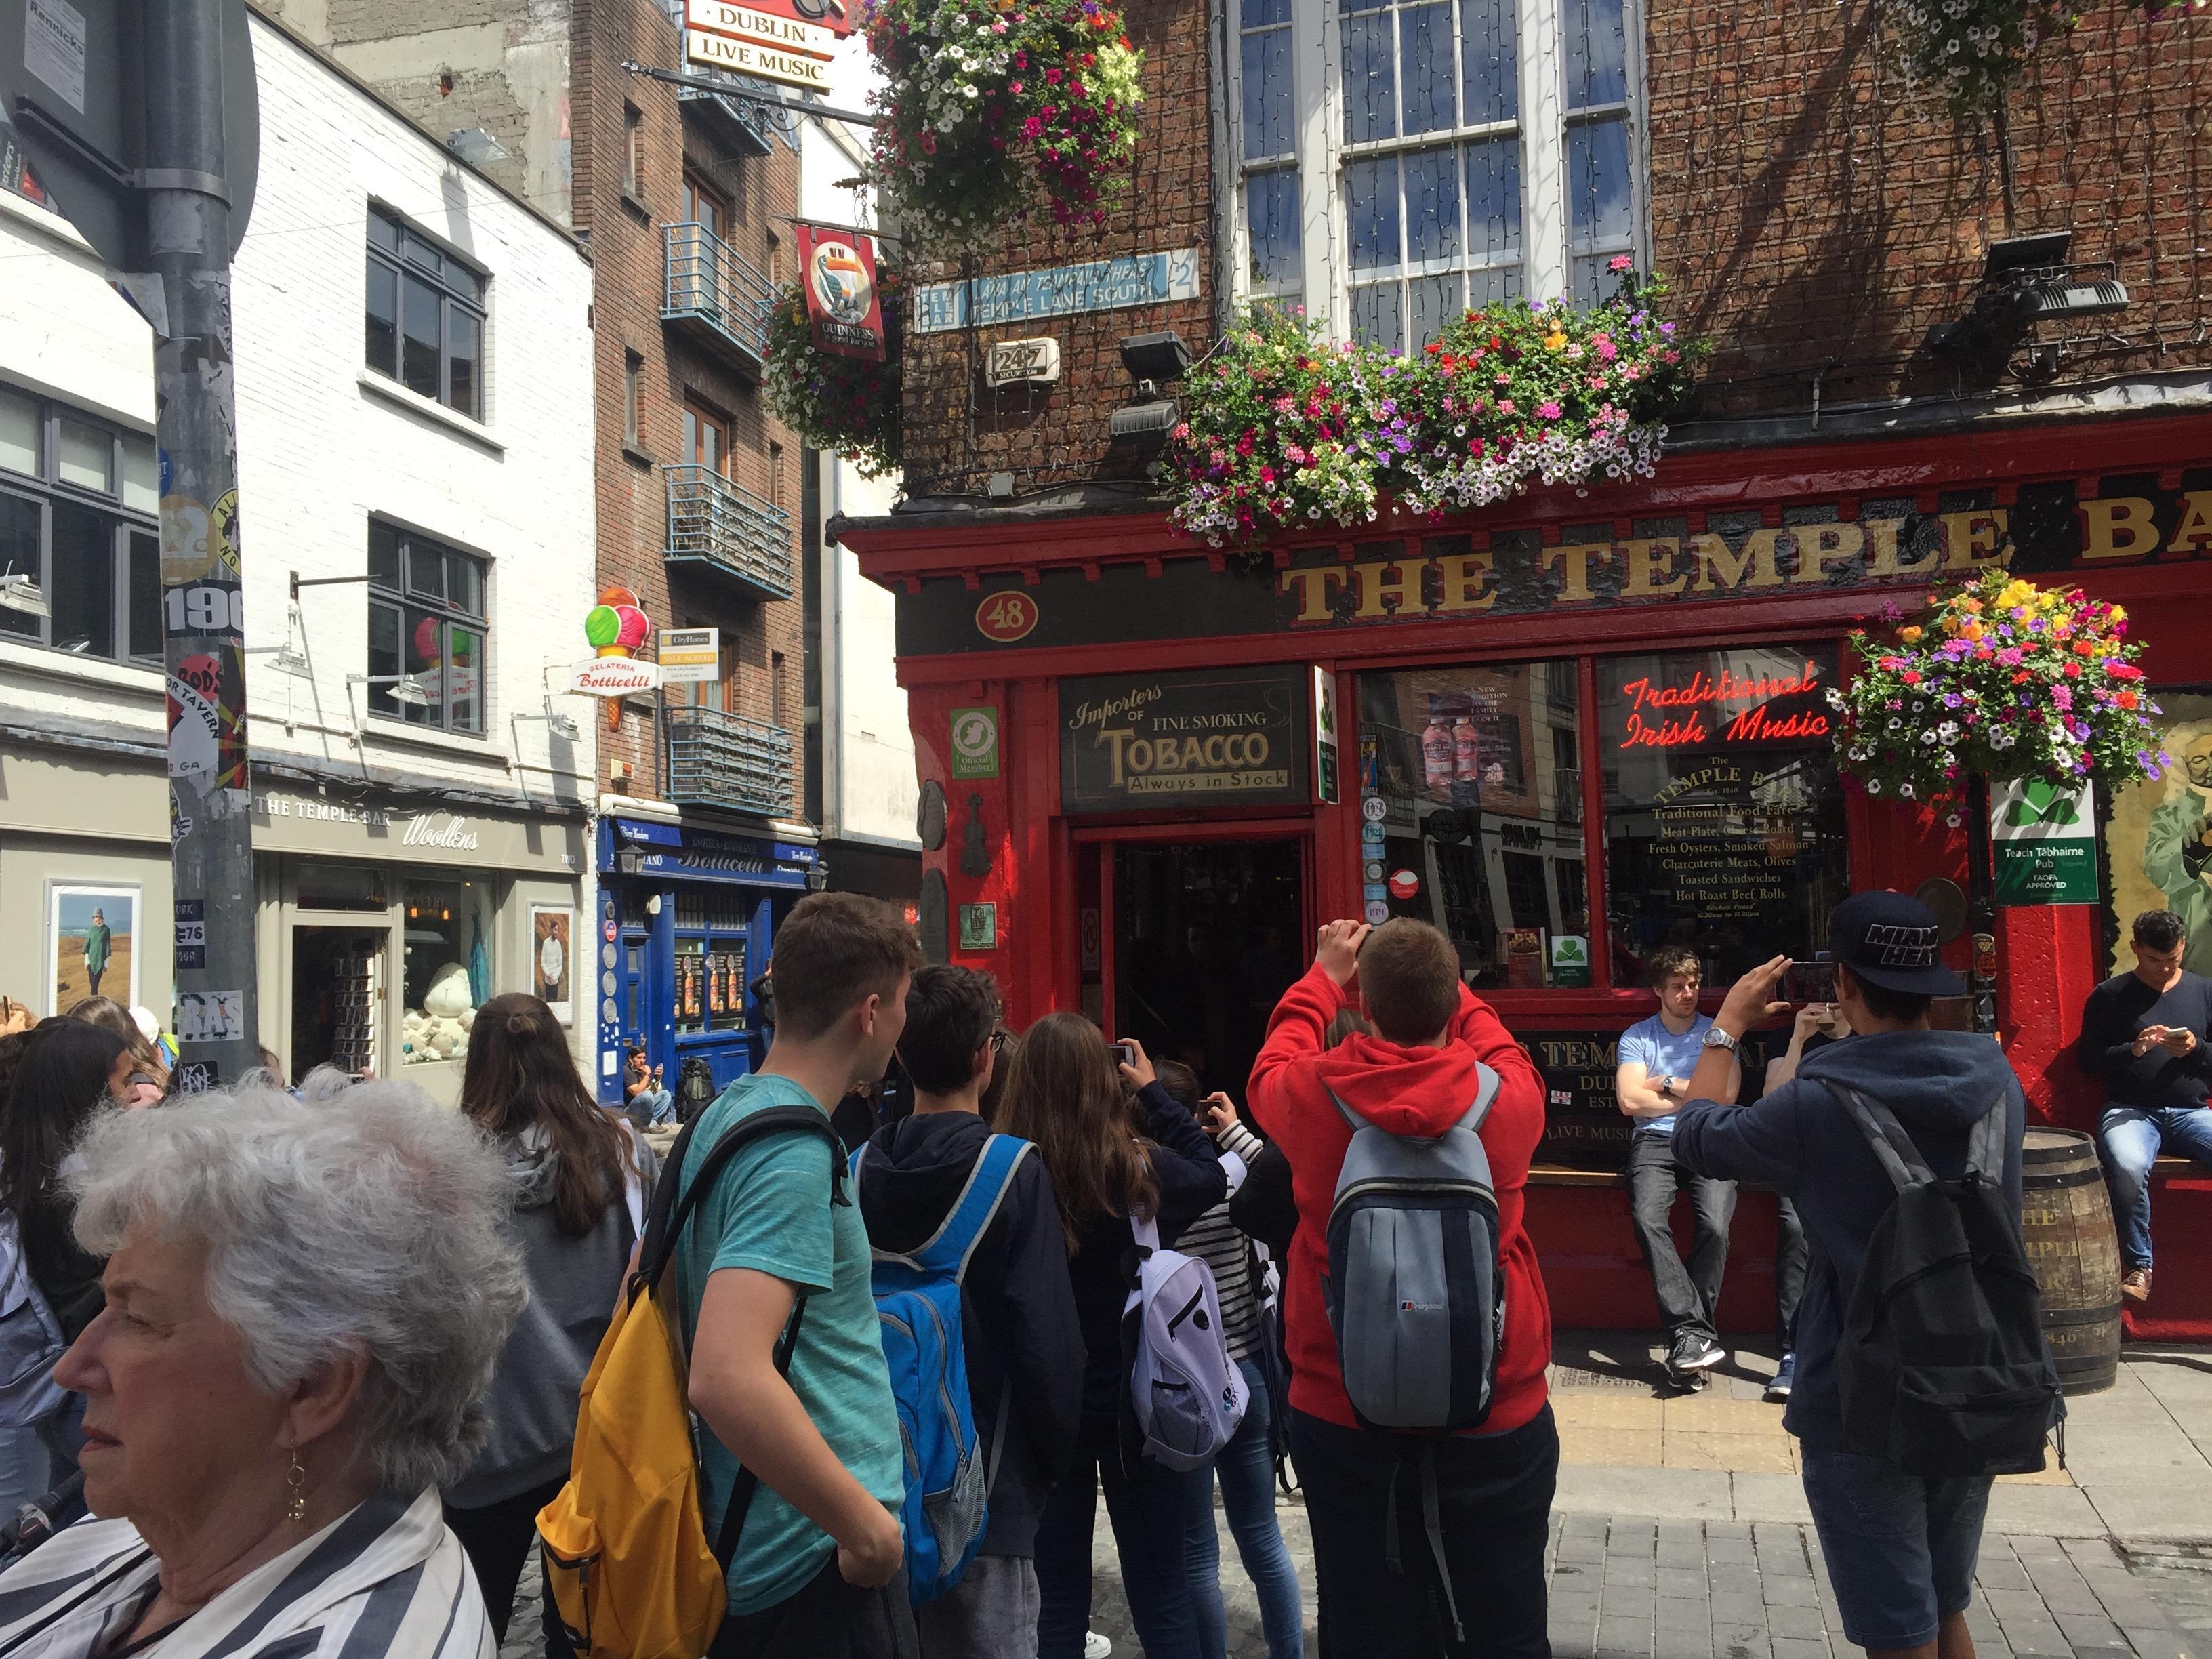 Imagen estudiantes en visita cultural en Irlanda